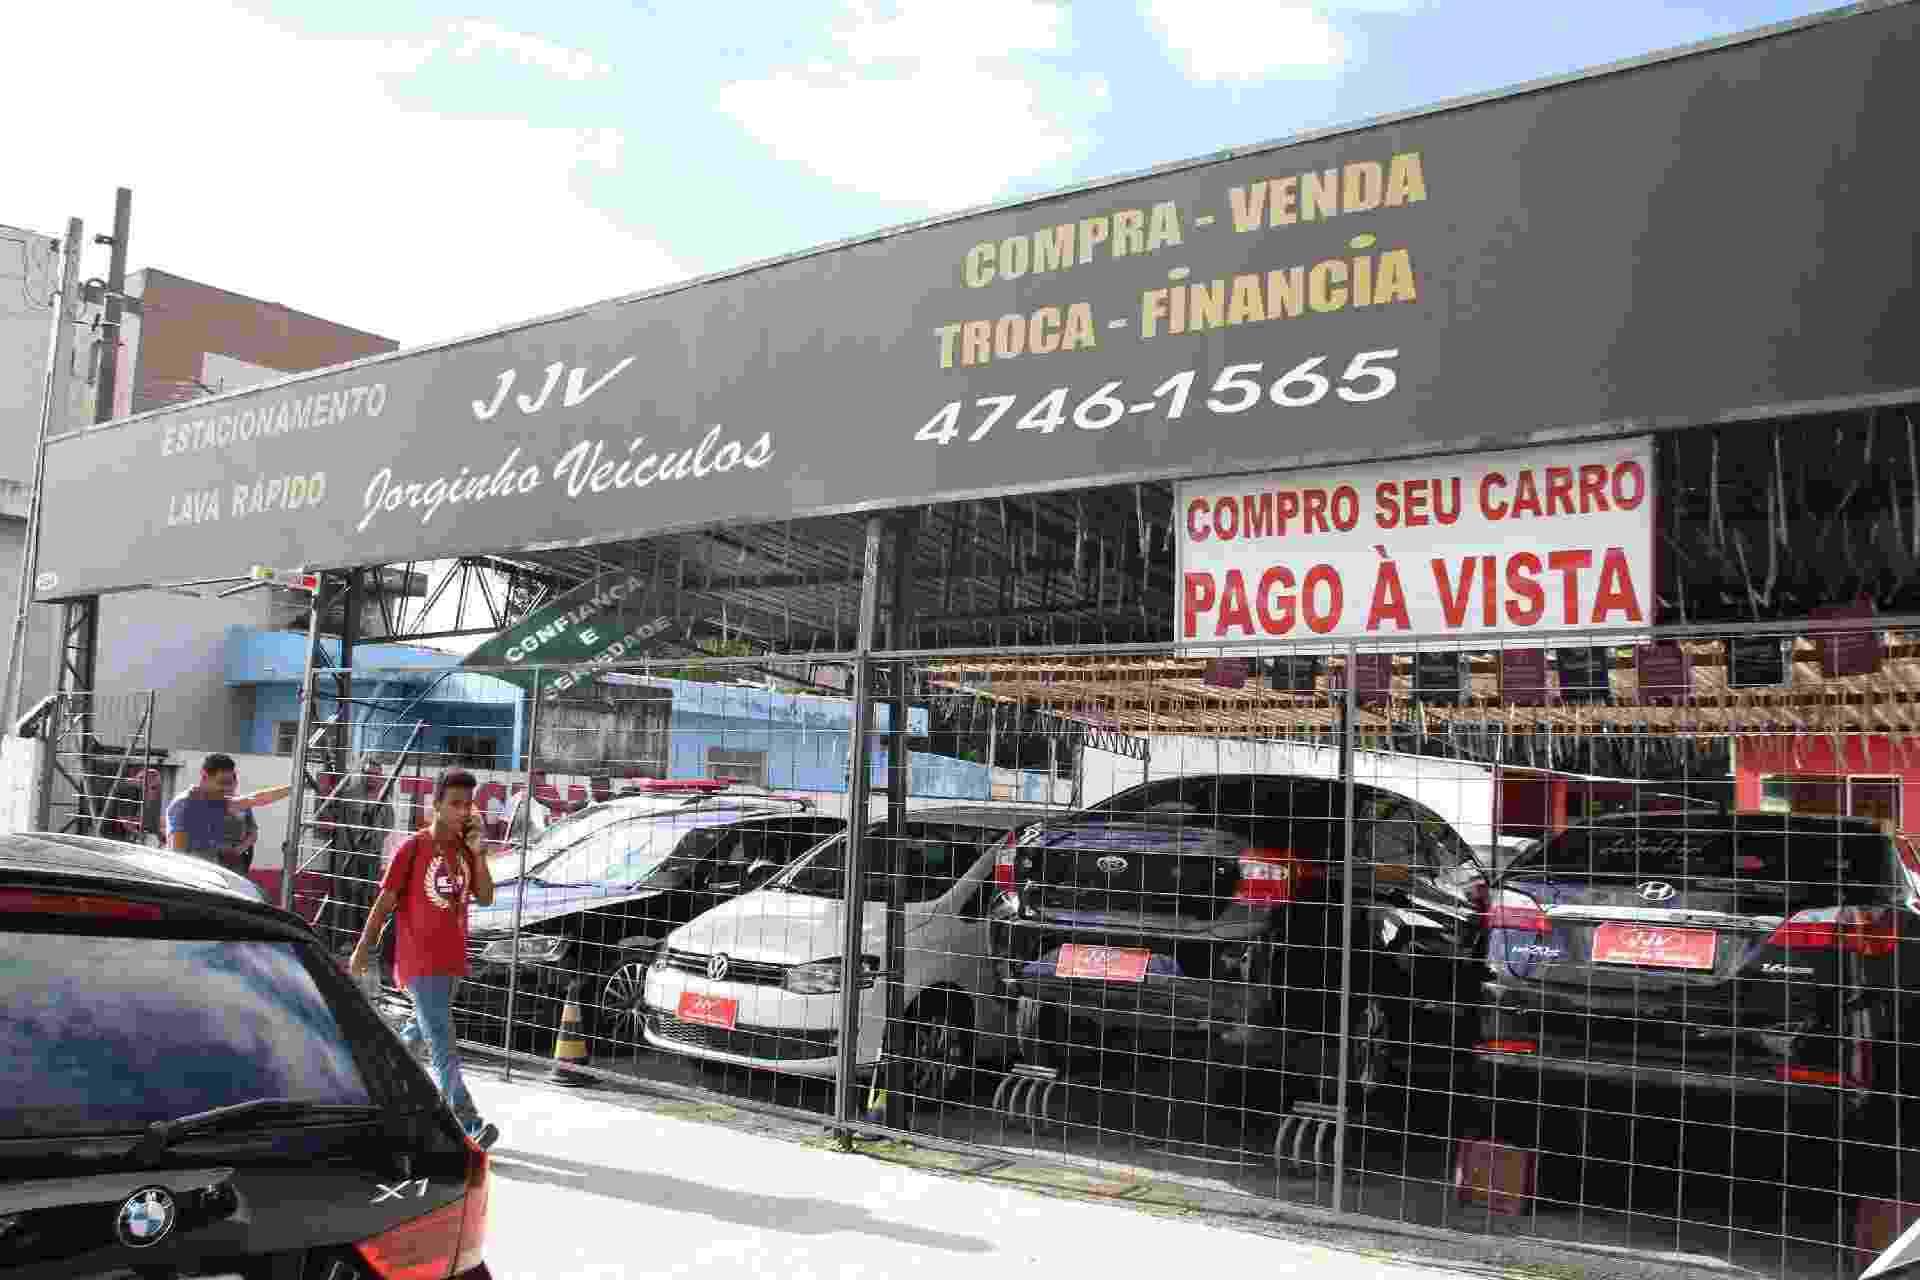 Fachada da concessionária Jorginho Veículos, onde o proprietário Jorge Antonio de Moraes foi baleado pelo sobrinho, Guilherme Taucci de 17 anos, em seu escritório, dentro da loja. Após atirar no tio, Guilherme seguiu junto com Luiz Henrique de Castro de 25 anos, de carro para a escola onde atiraram dentro da Escola Estadual Raul Brasil, em Suzano (SP). Os dois encapuzados mataram mais de sete pessoas e cometeram suicídio em seguida - Mauricio Sumiya/Futura Press/Folhapress